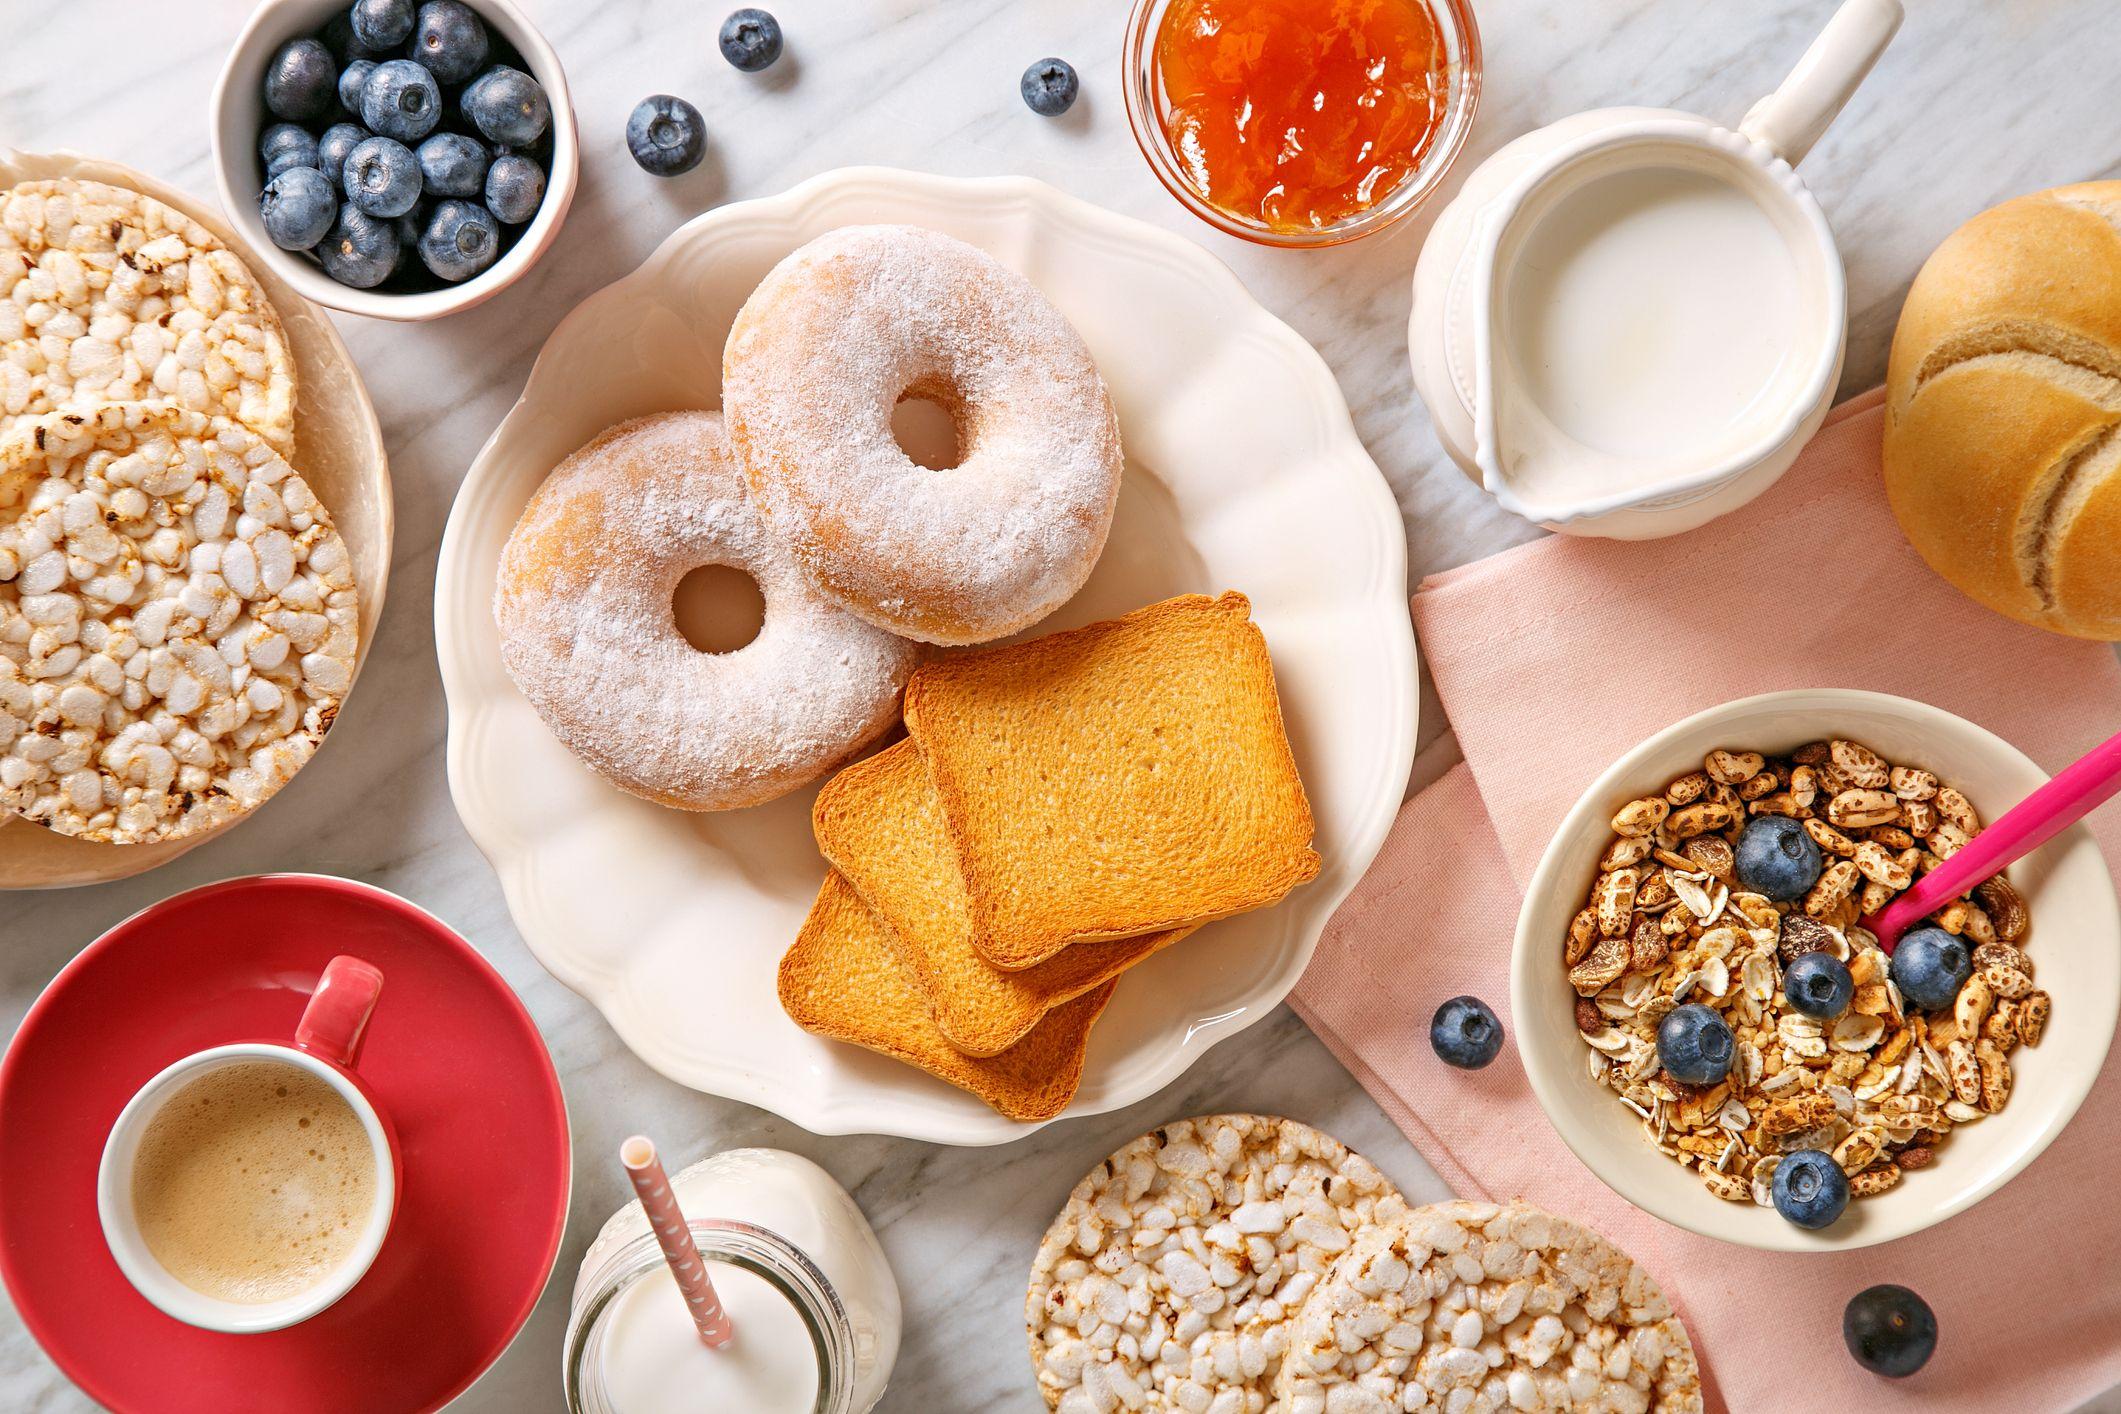 La mitad de los alimentos que tomamos en el desayuno son ultraprocesados